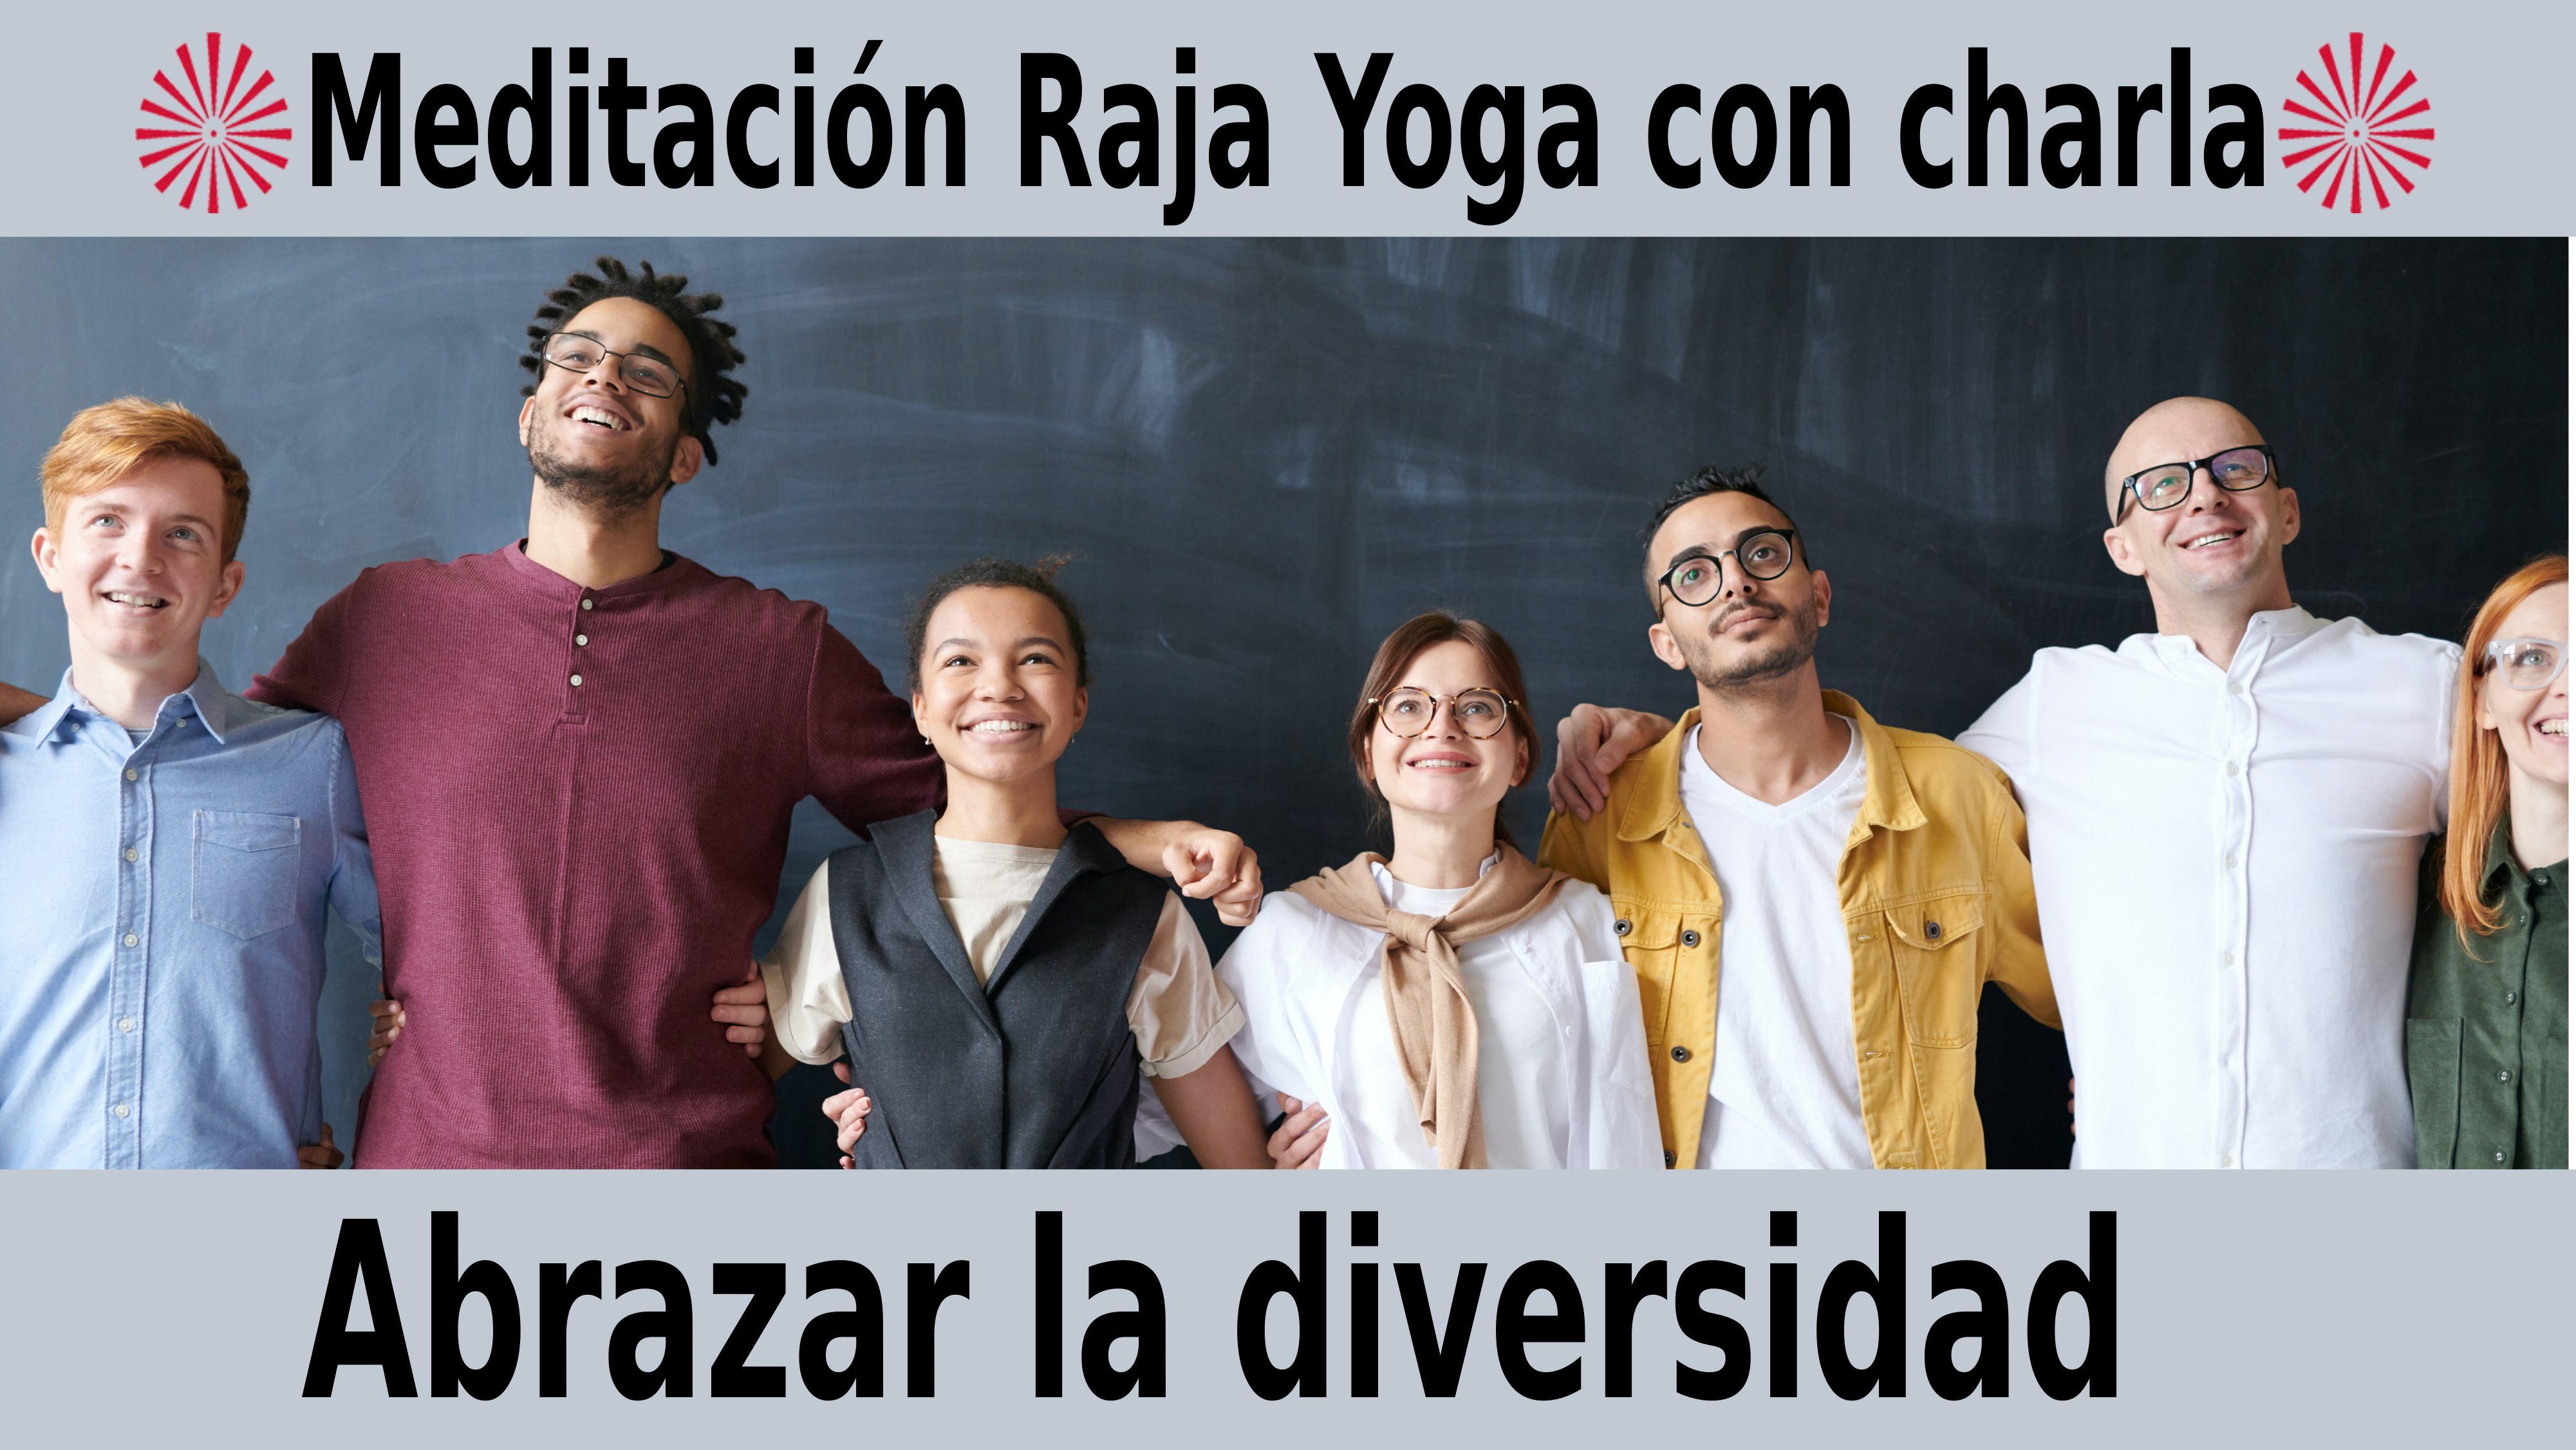 Meditación Raja Yoga con charla: Abrazar la diversidad (13 Noviembre 2020) On-line desde Madrid